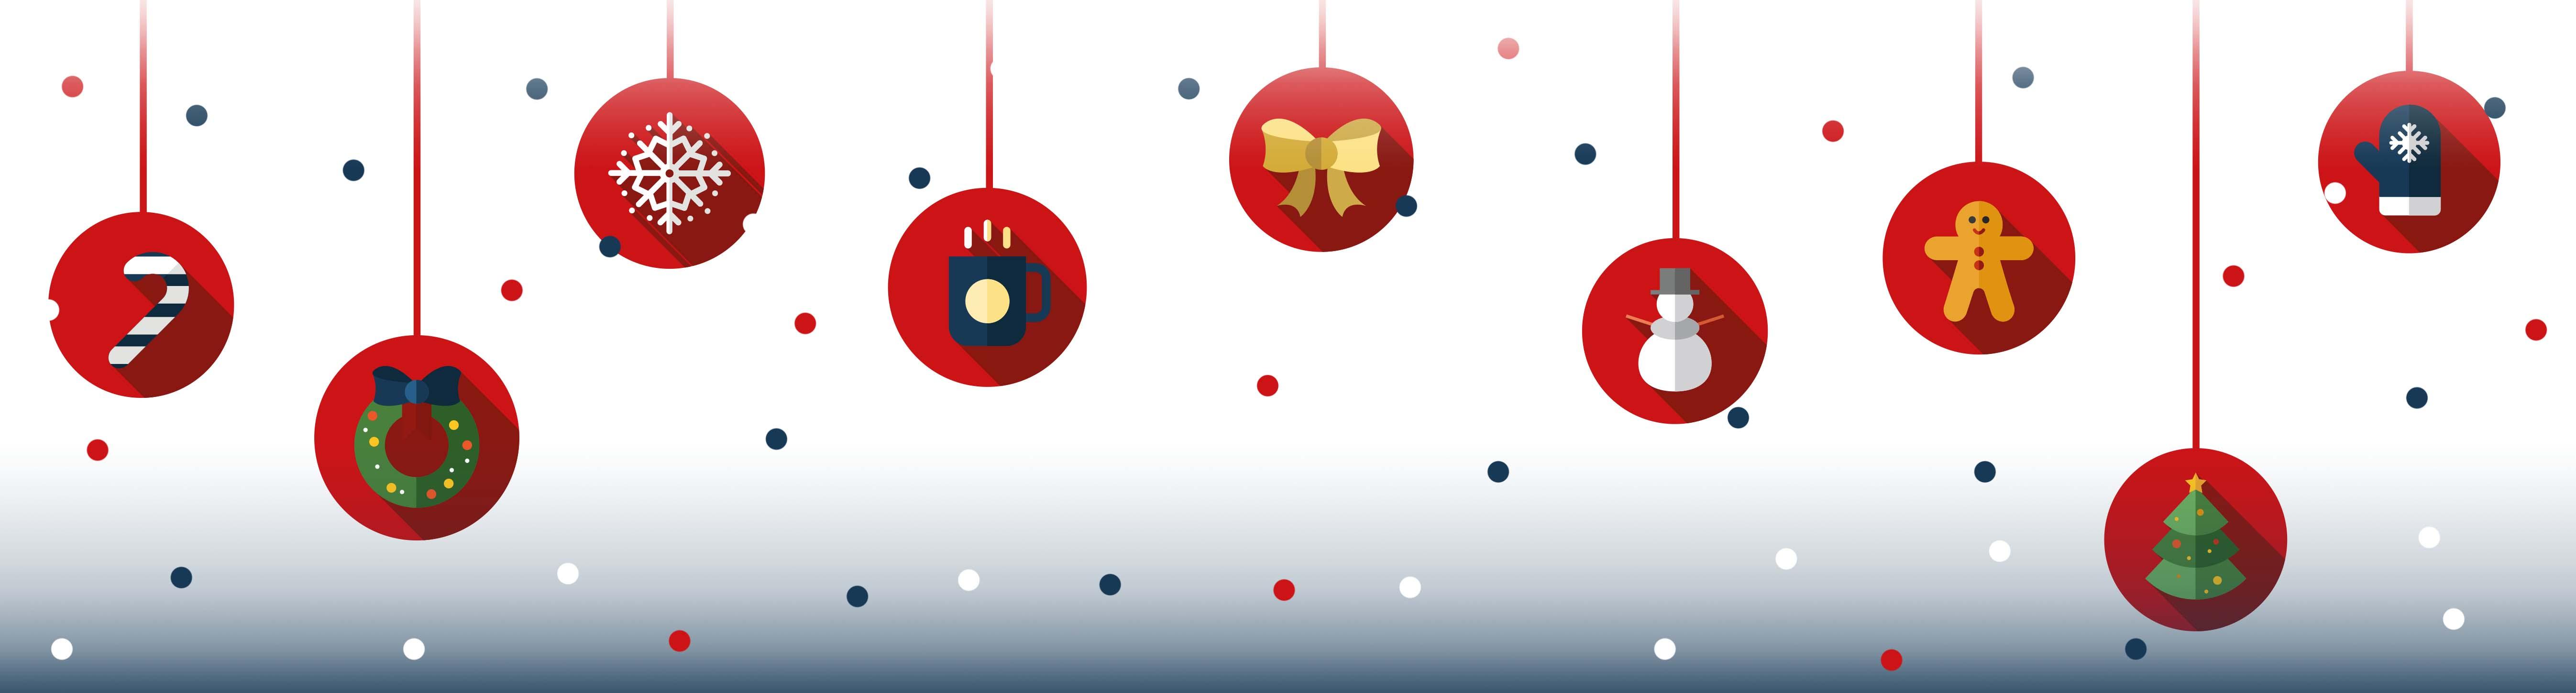 Grafik zeigt nebeneinander hängende Weihnachtskugeln mit unterschiedlichen weihnachtlichen Motiven.